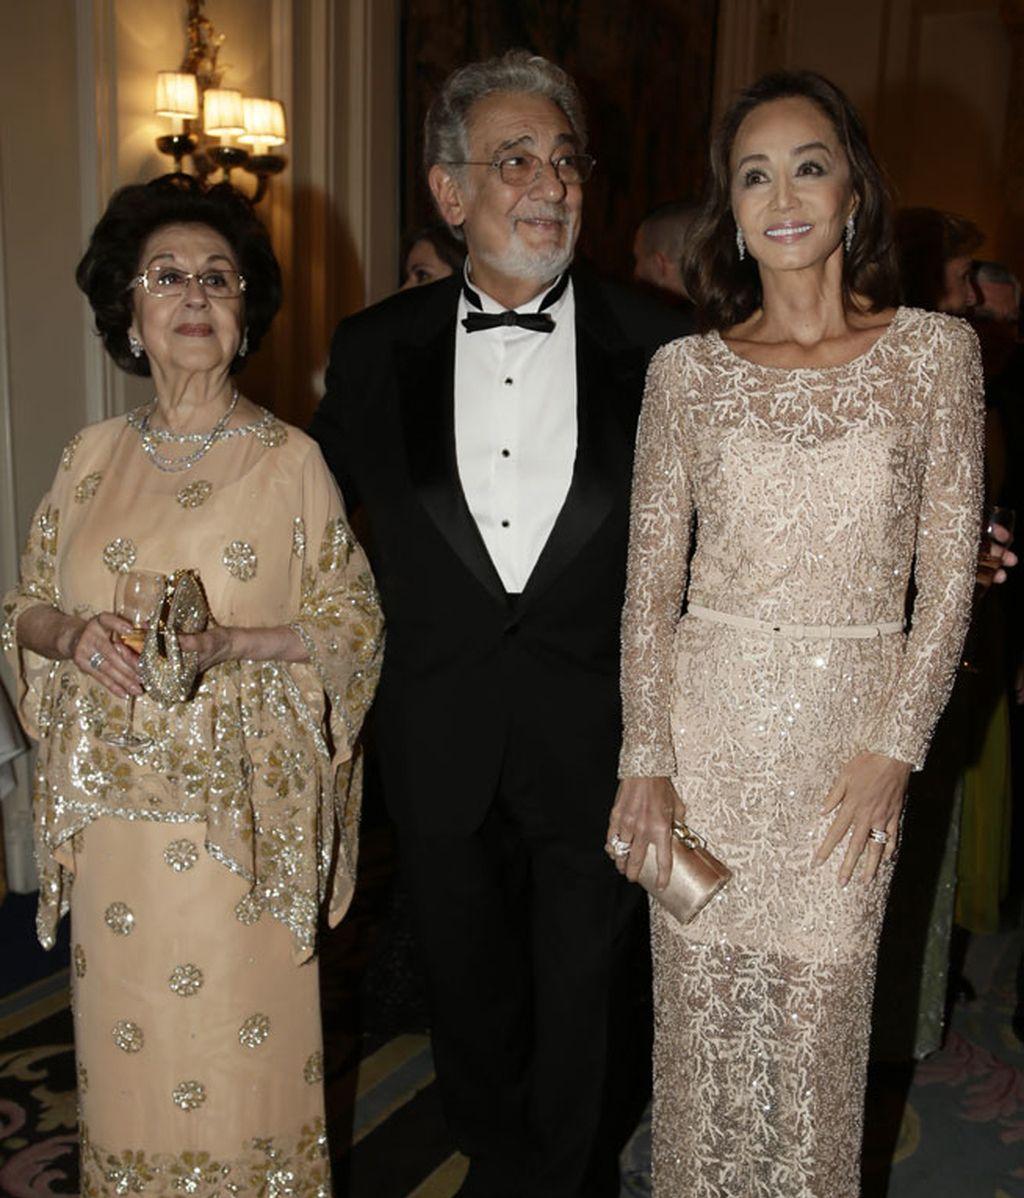 Isabel Preysler quiso acompañar a Plácido Domingo y a su mujer en este homenaje